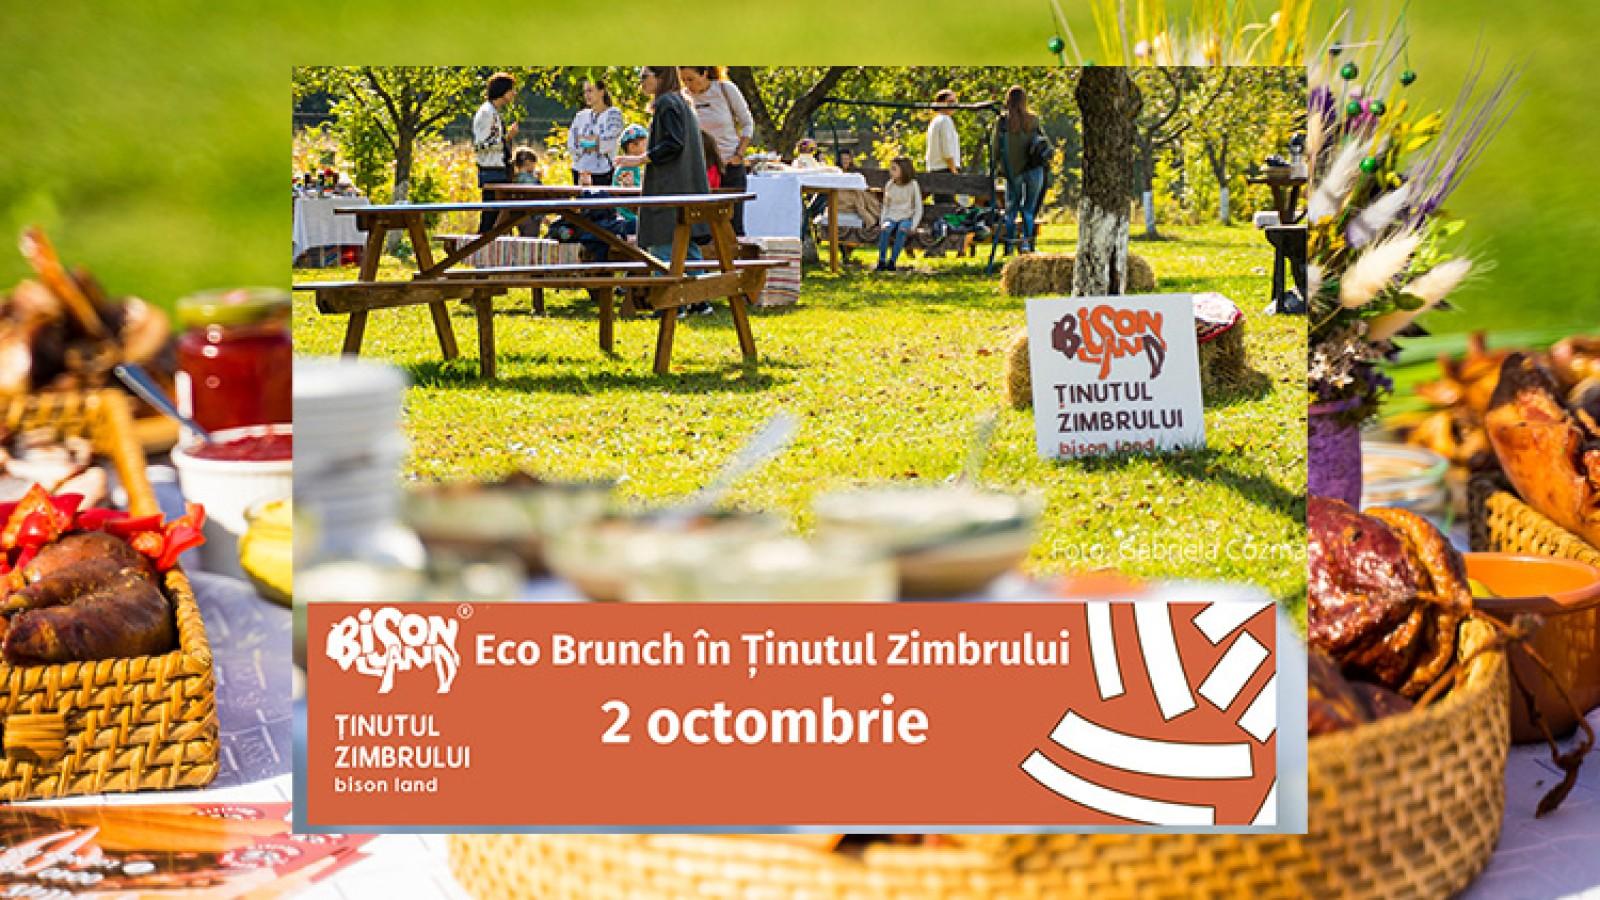 EcoBrunch în Ținutul Zimbrului